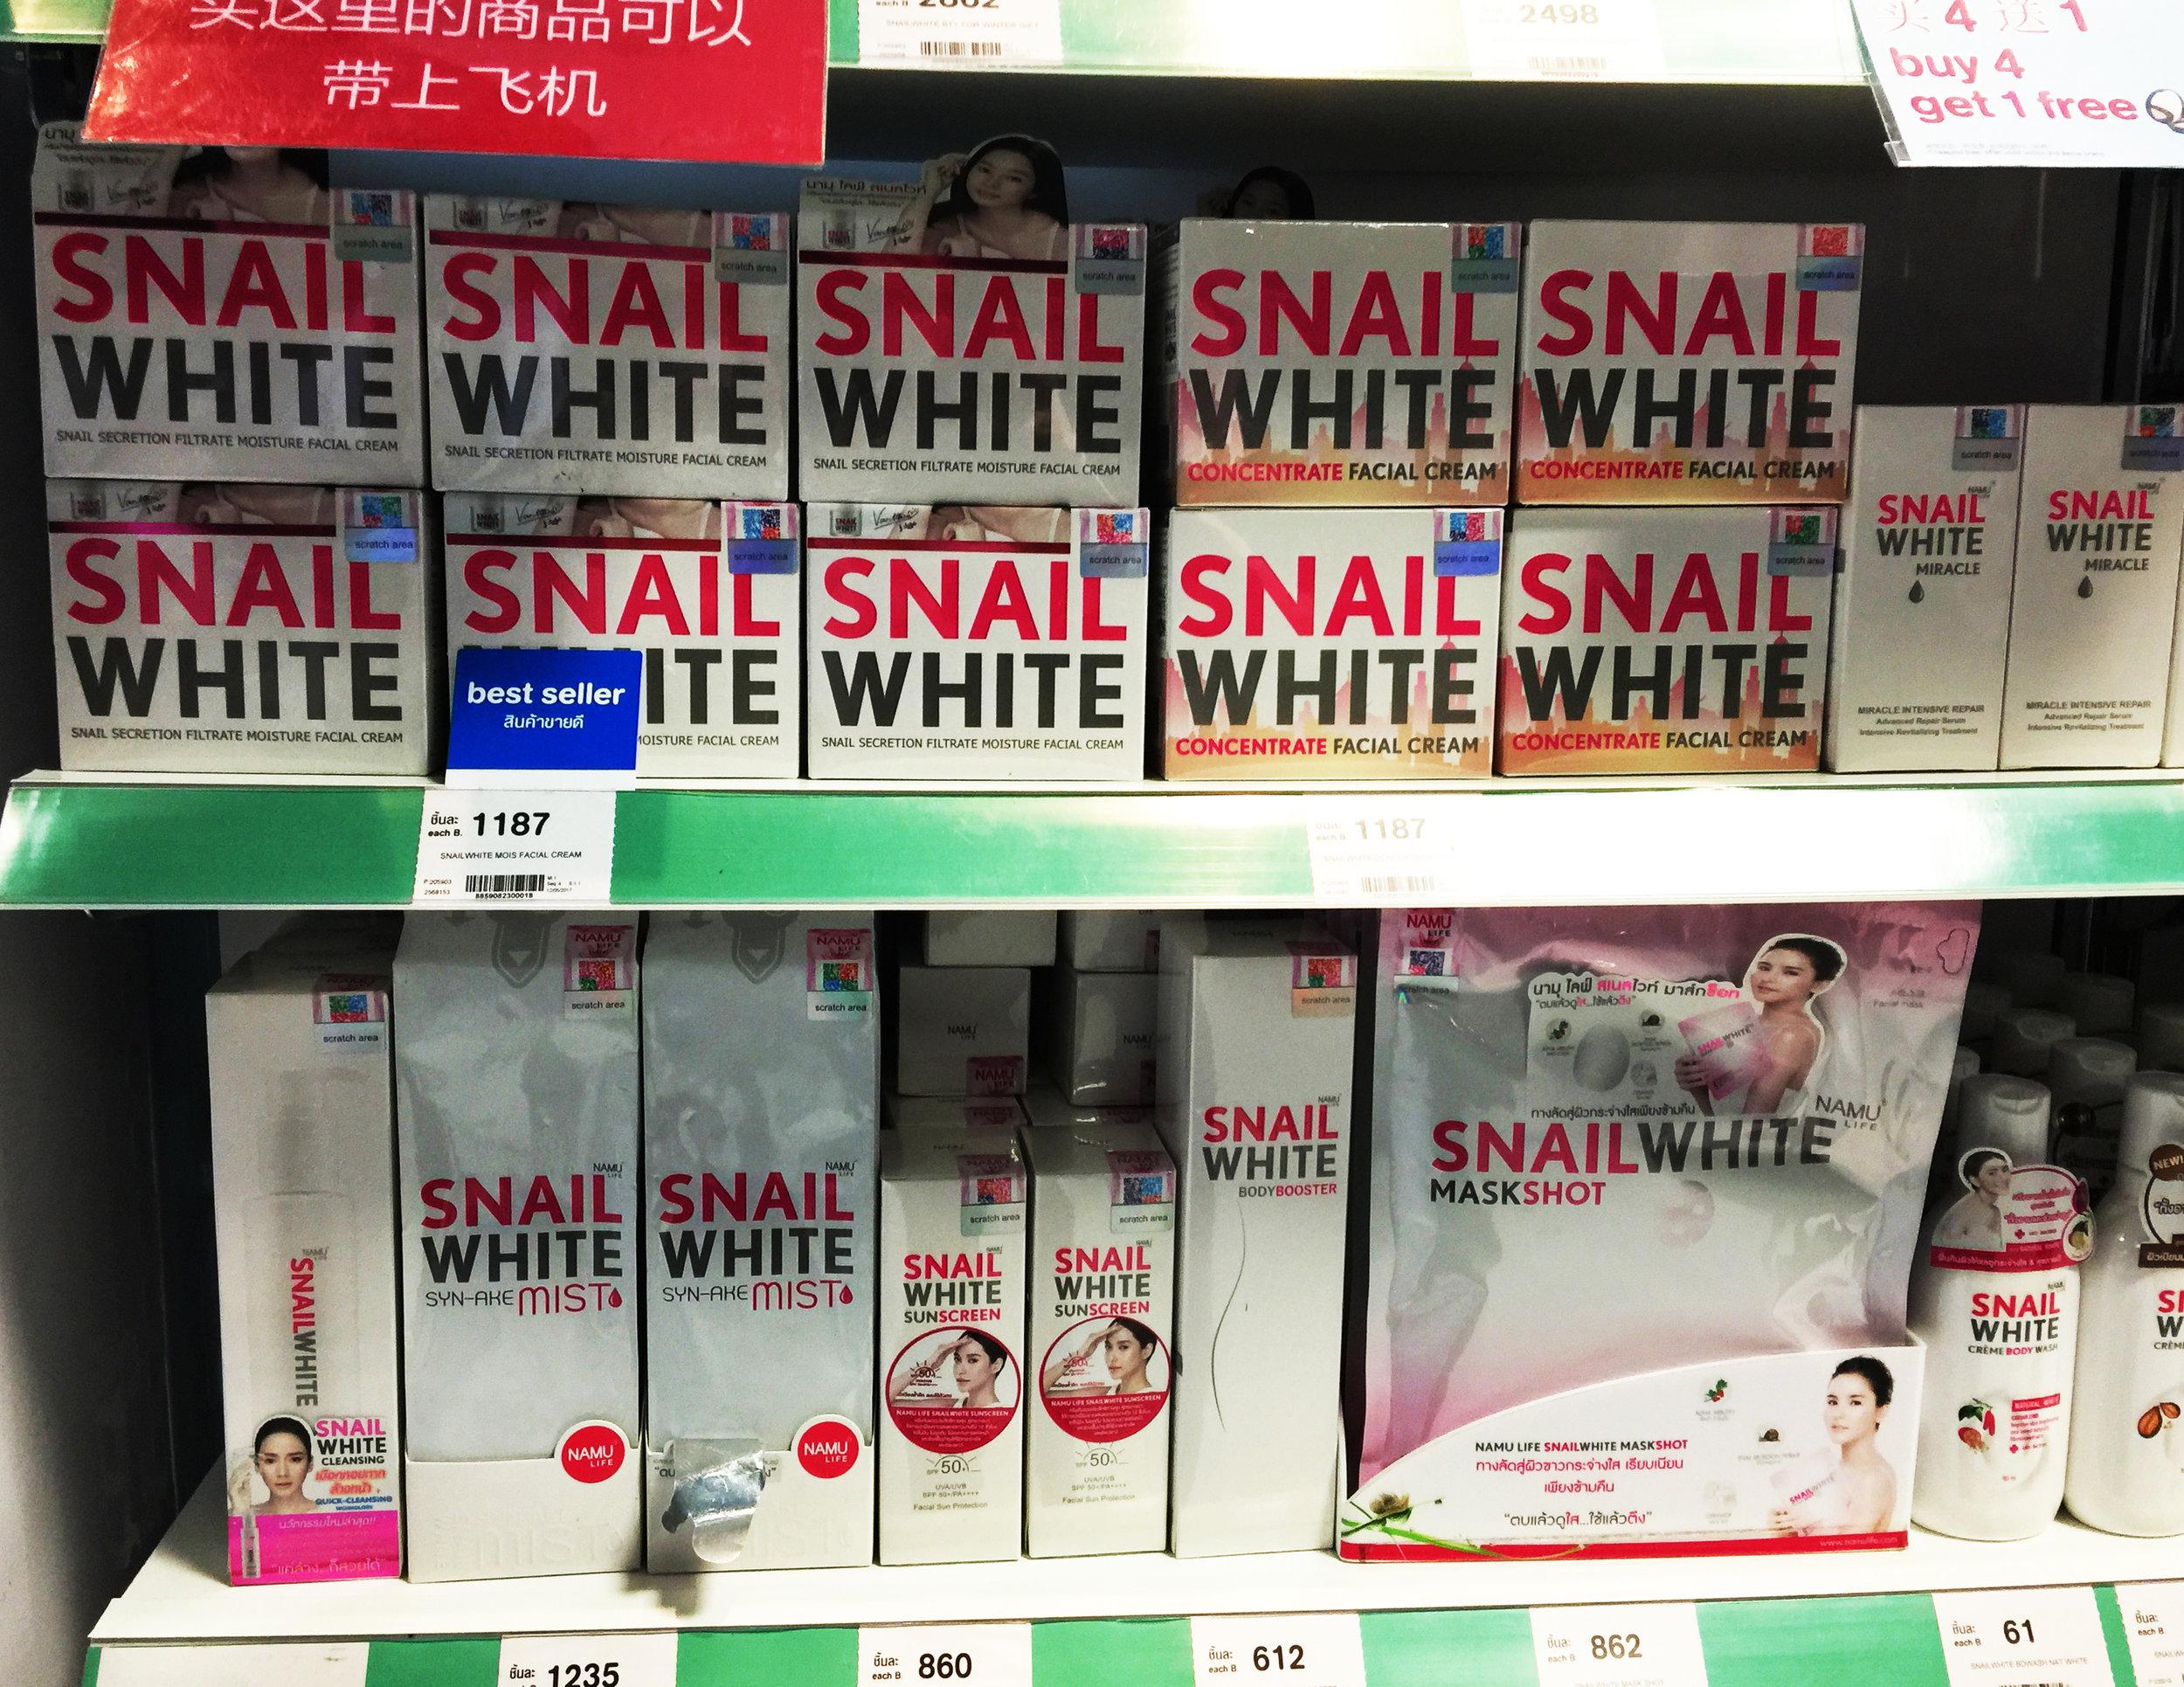 snail-white.jpg